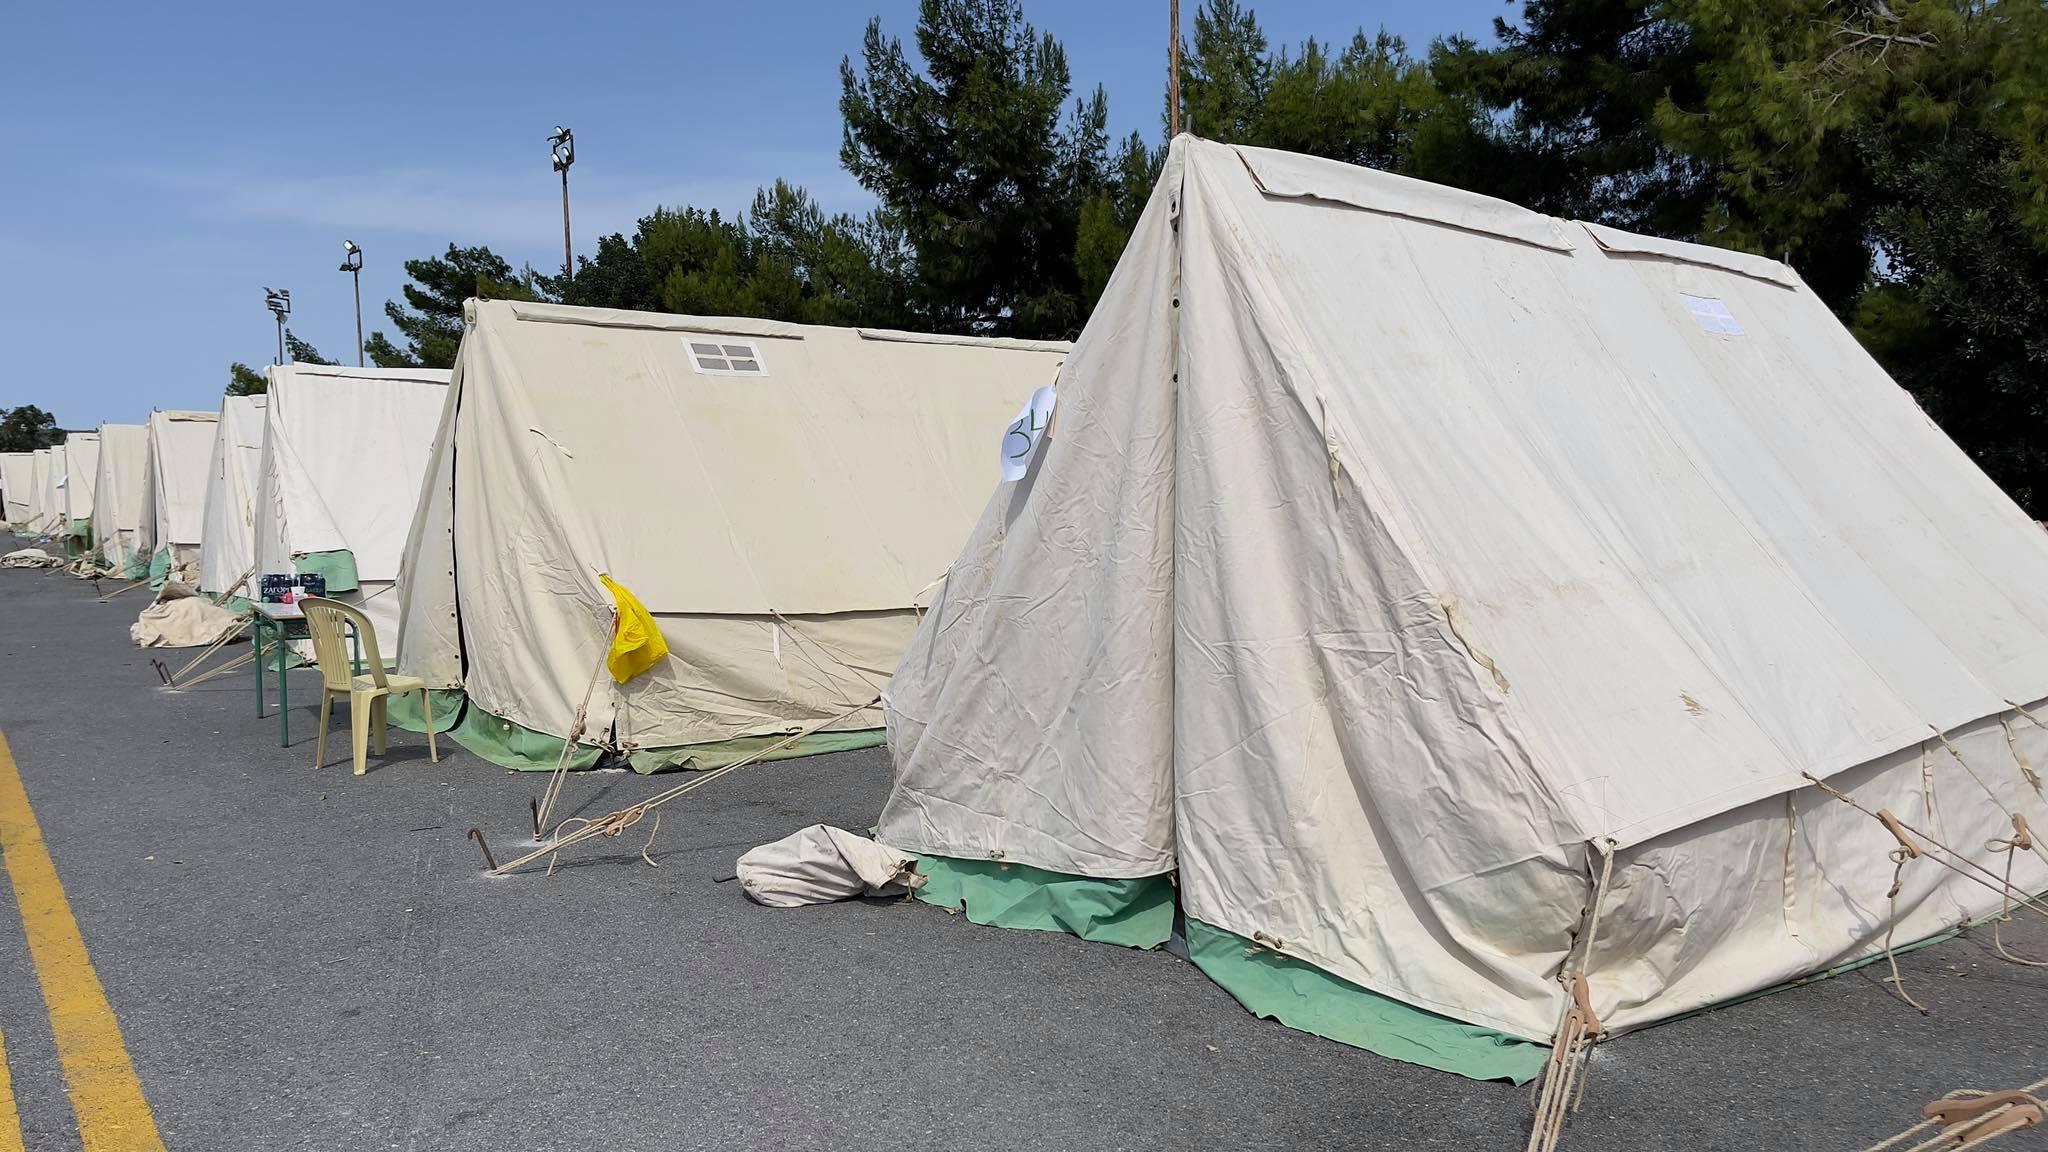 Σεισμός στην Κρήτη: Από τις σκηνές στο κλειστό γυμναστήριο Αρκαλοχωρίου οι σεισμοπαθείς